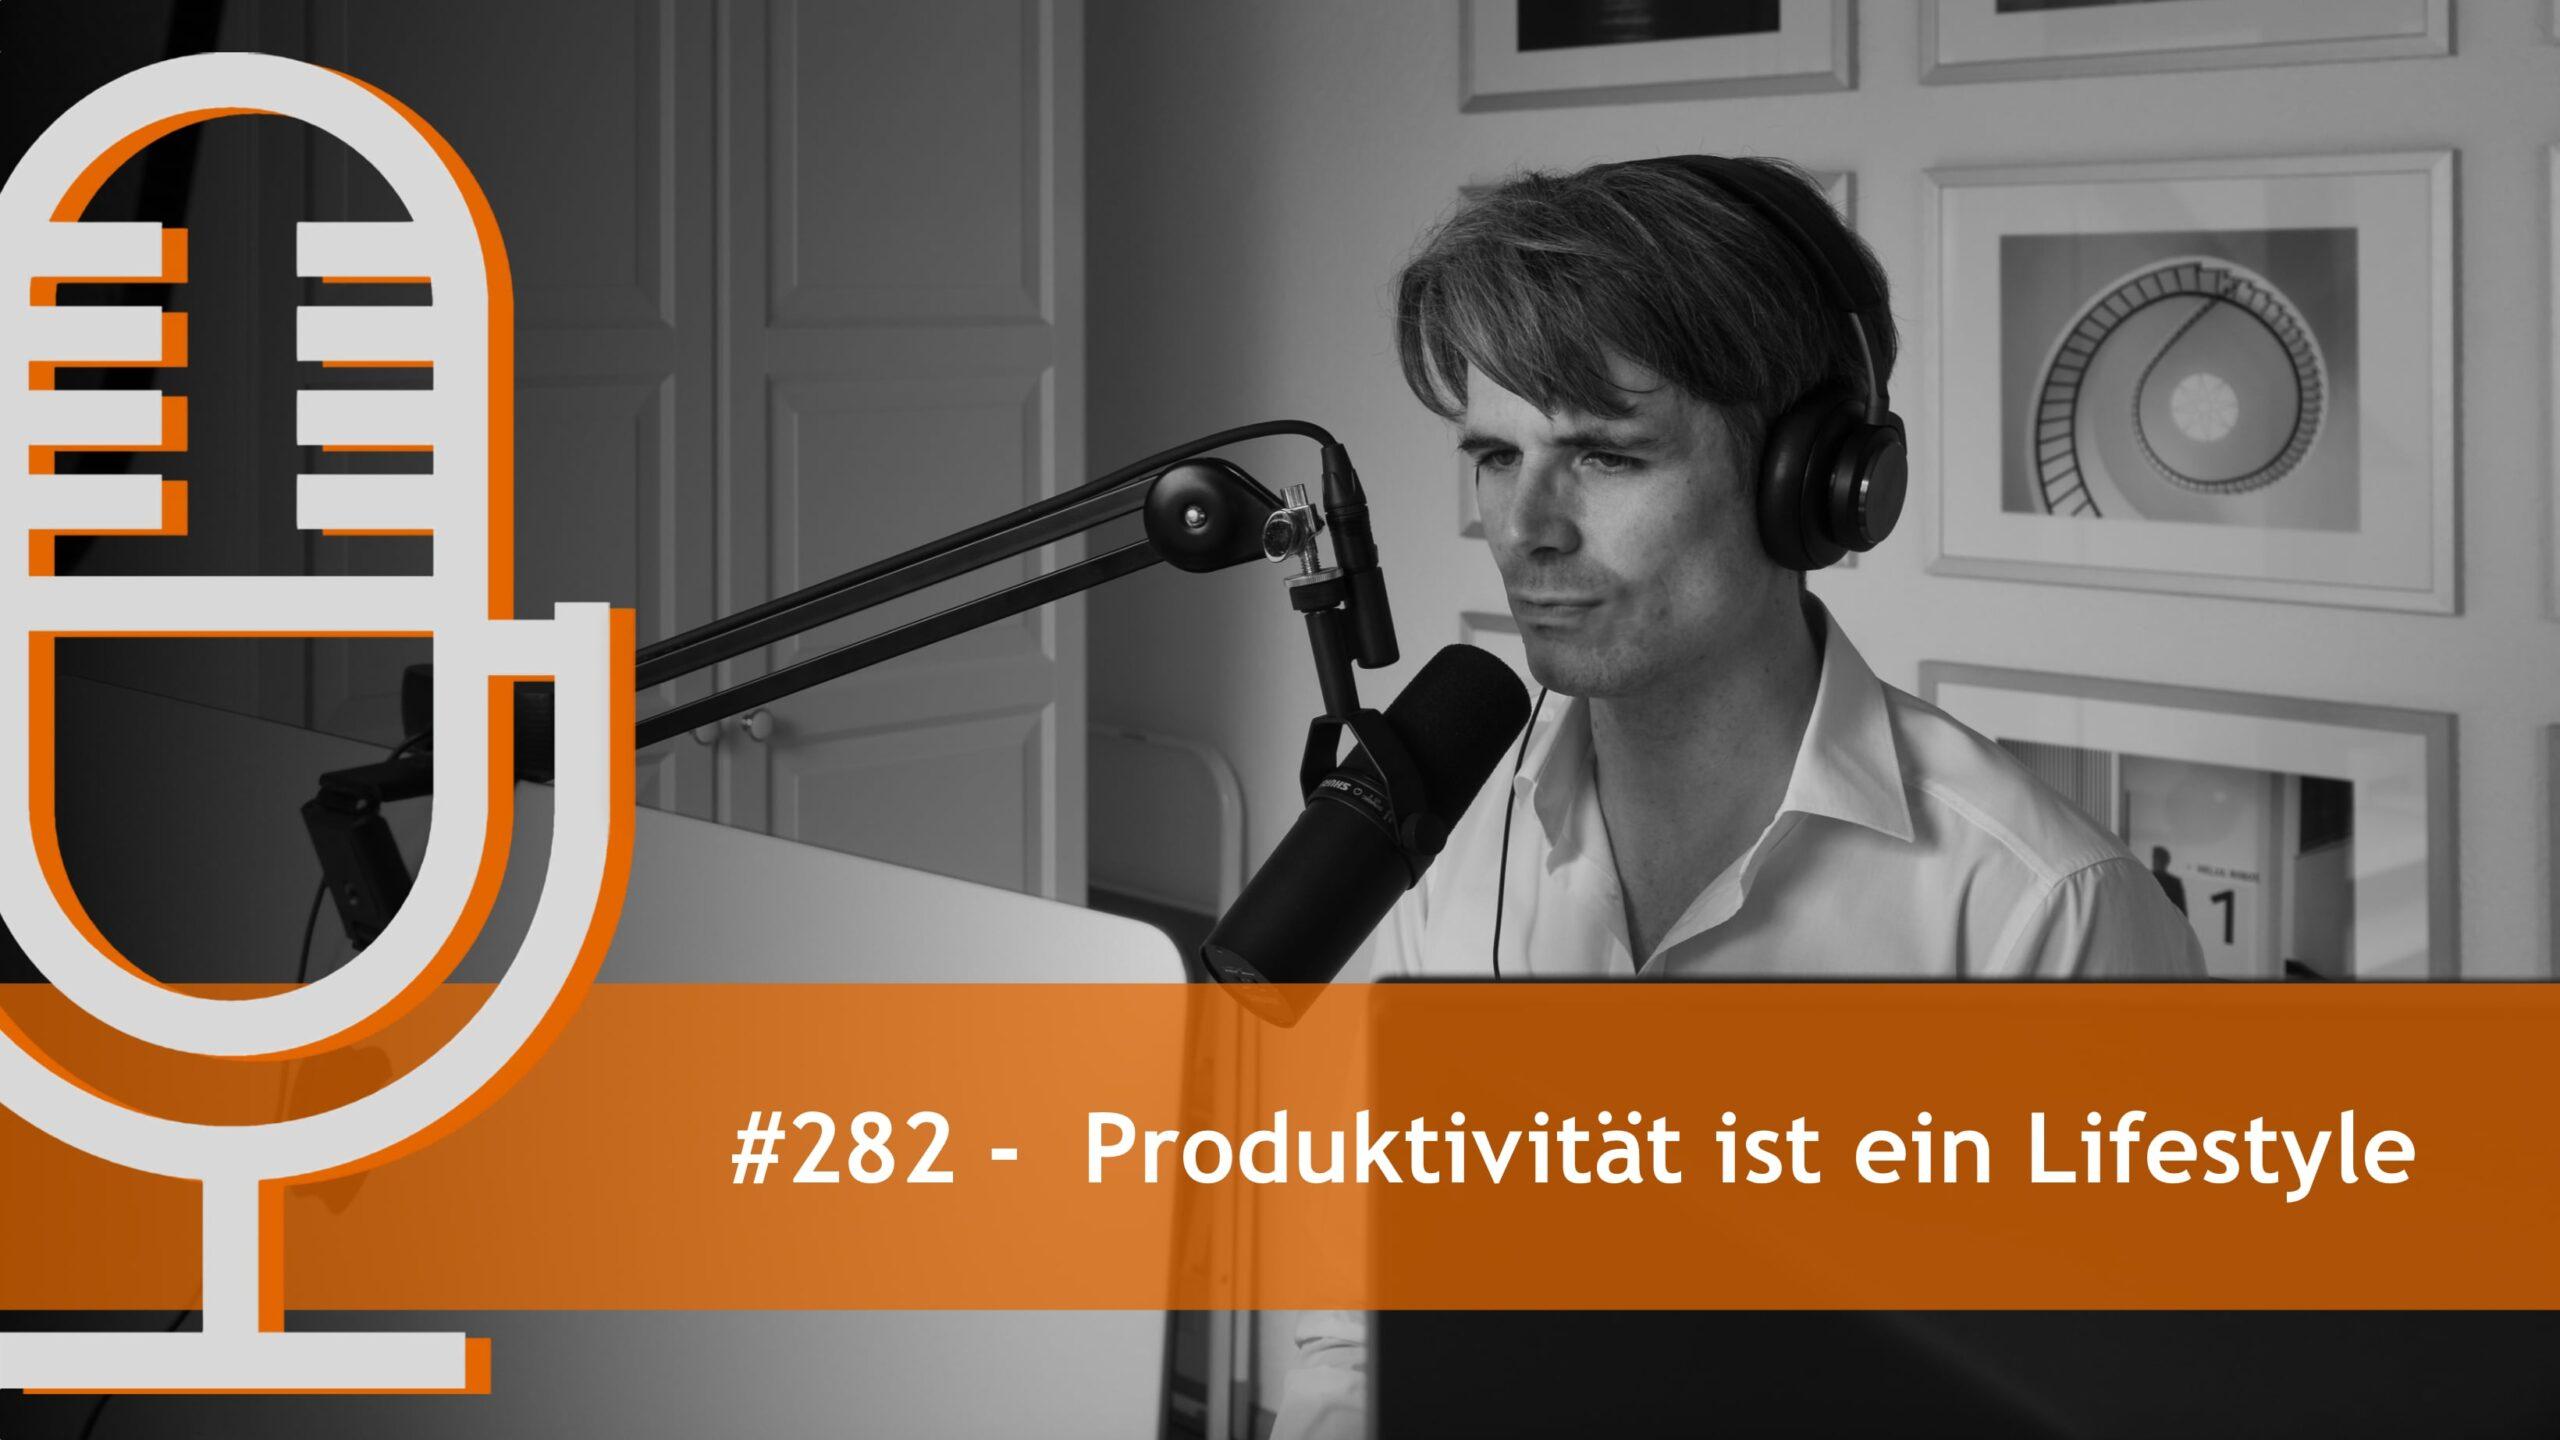 Produktivität ist ein Lifestyle